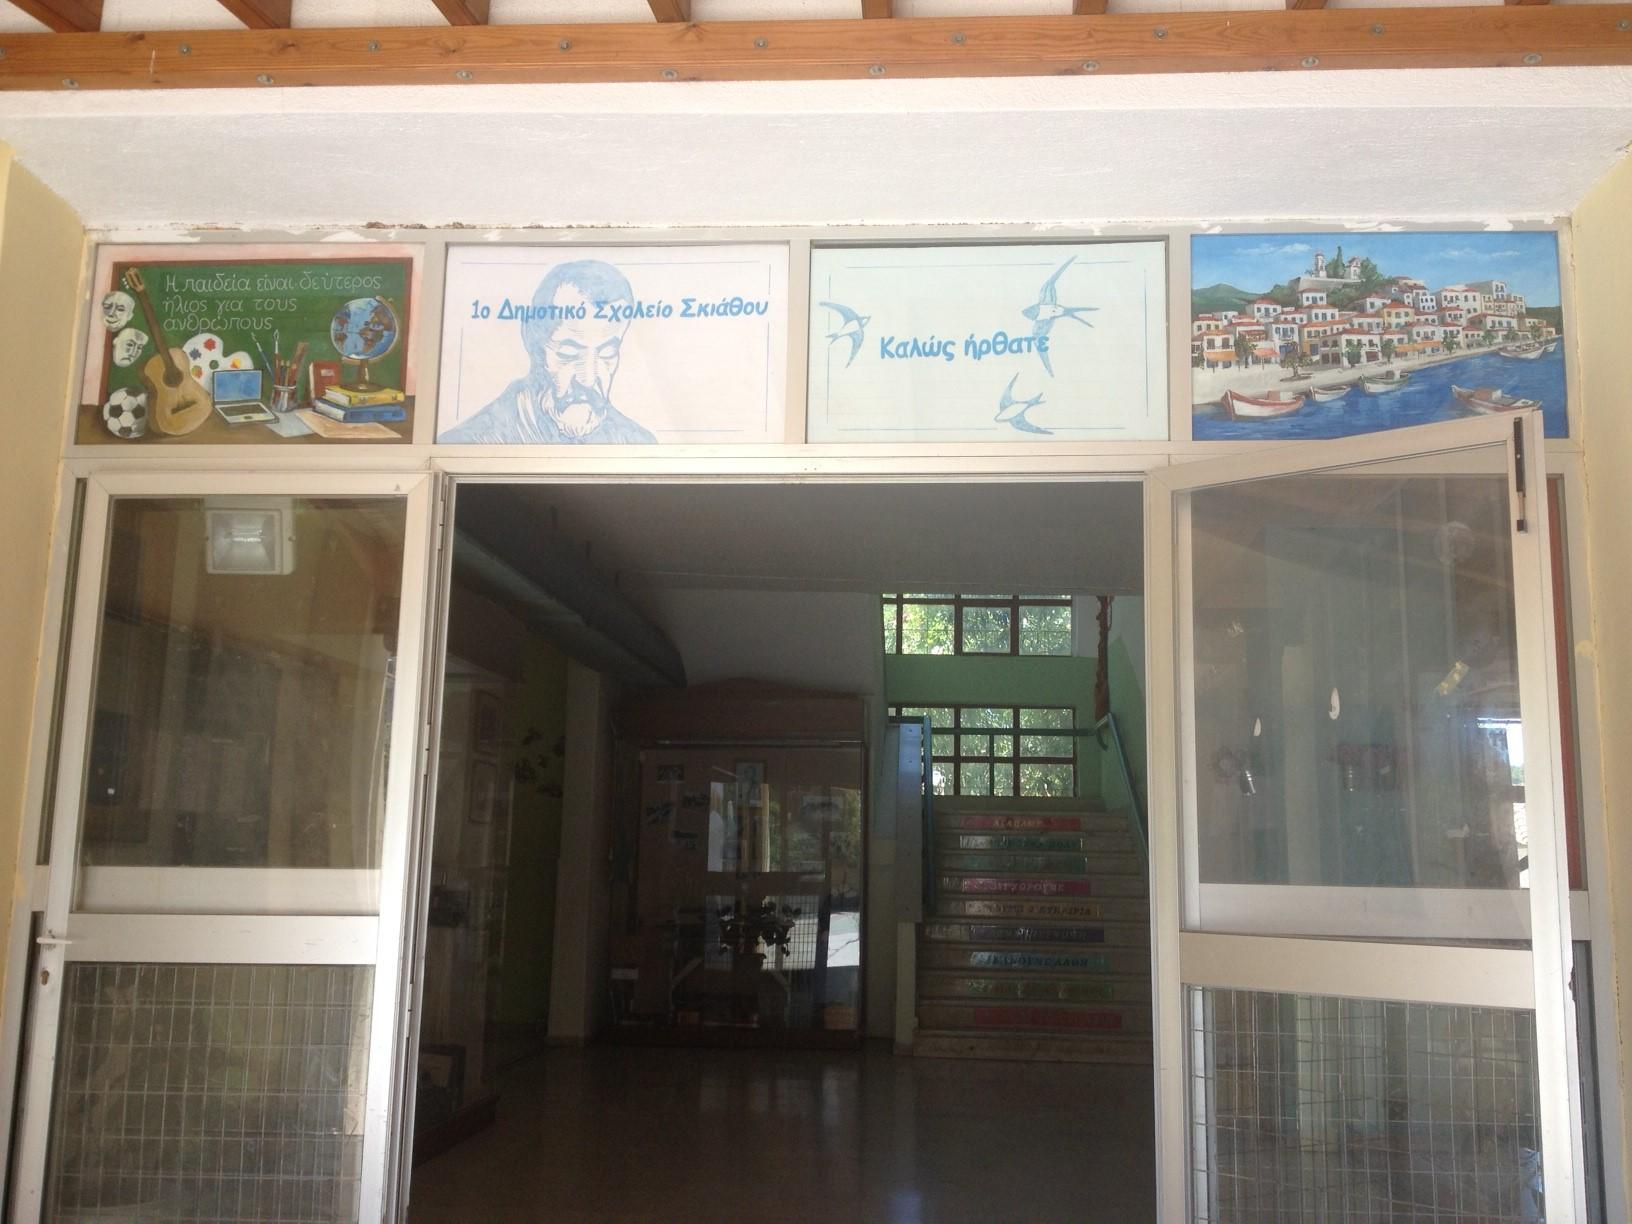 Αναβάθμιση σχολικού κτηρίου